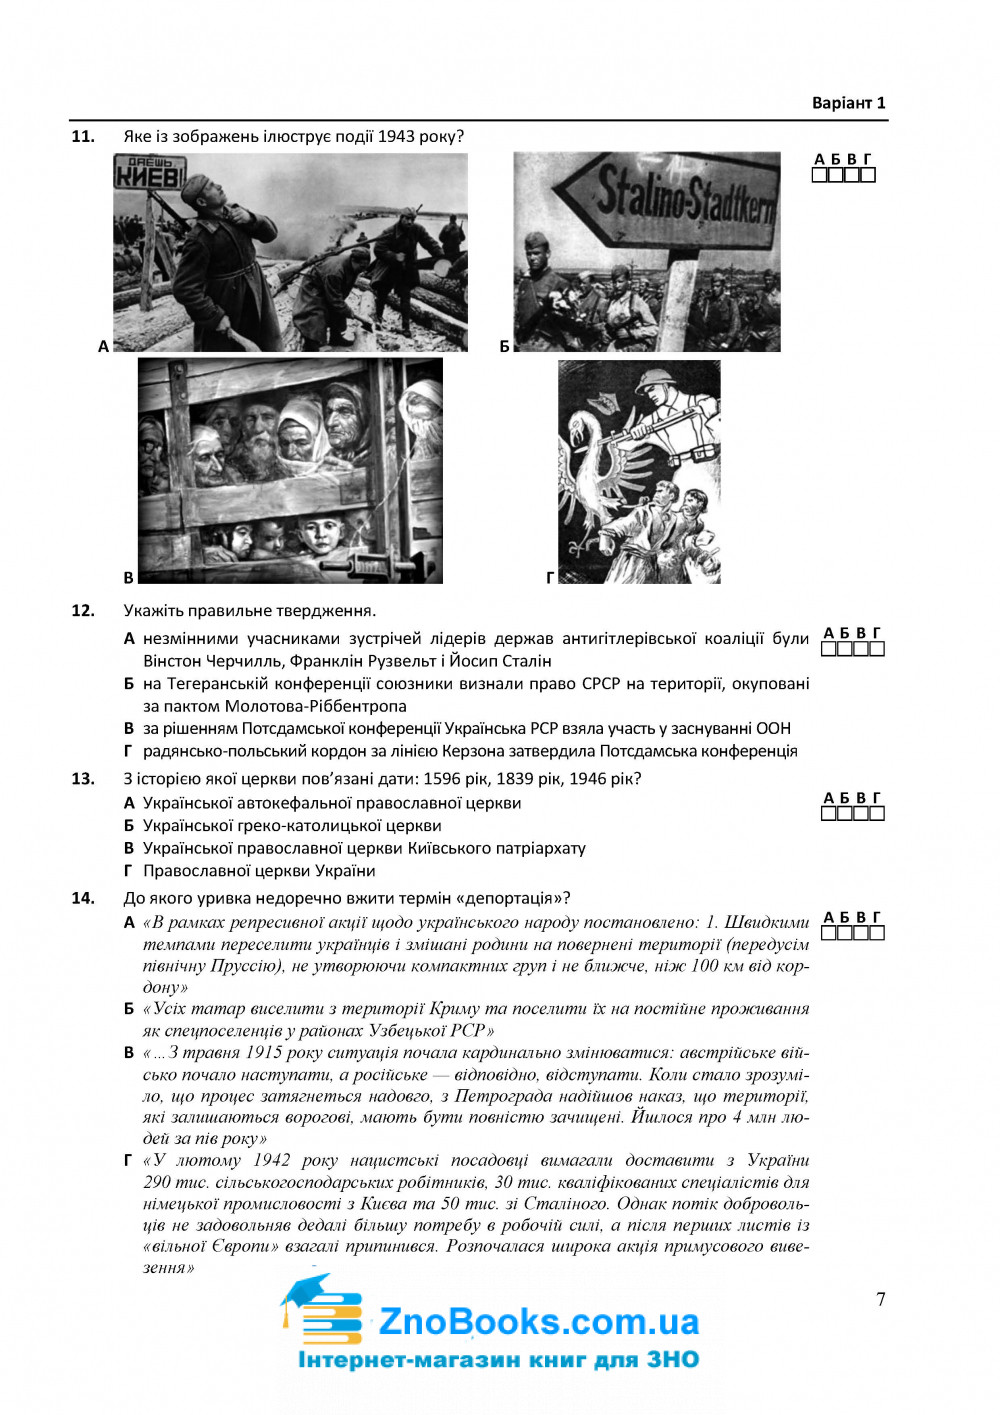 Історія України. Тестові завдання у форматі ЗНО 2021 : Земерова Т. Підручники і посібники купити 7